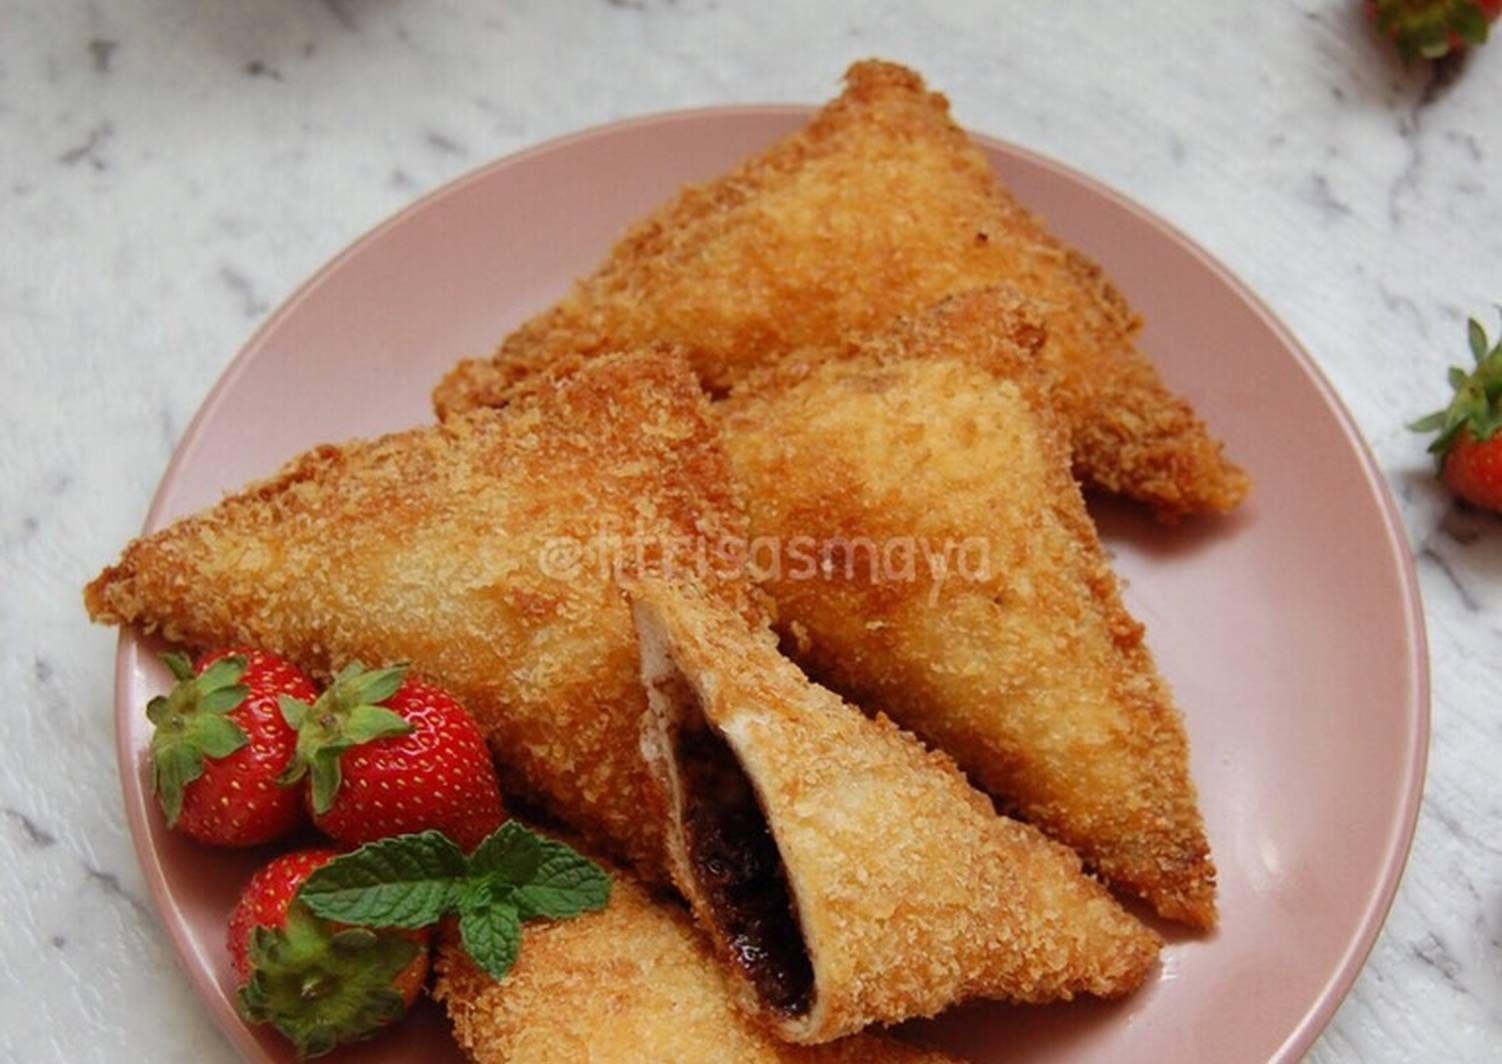 Resep Roti Tawar Goreng Isi Pisang Coklat Oleh Fitri Sasmaya Resep Roti Resep Pisang